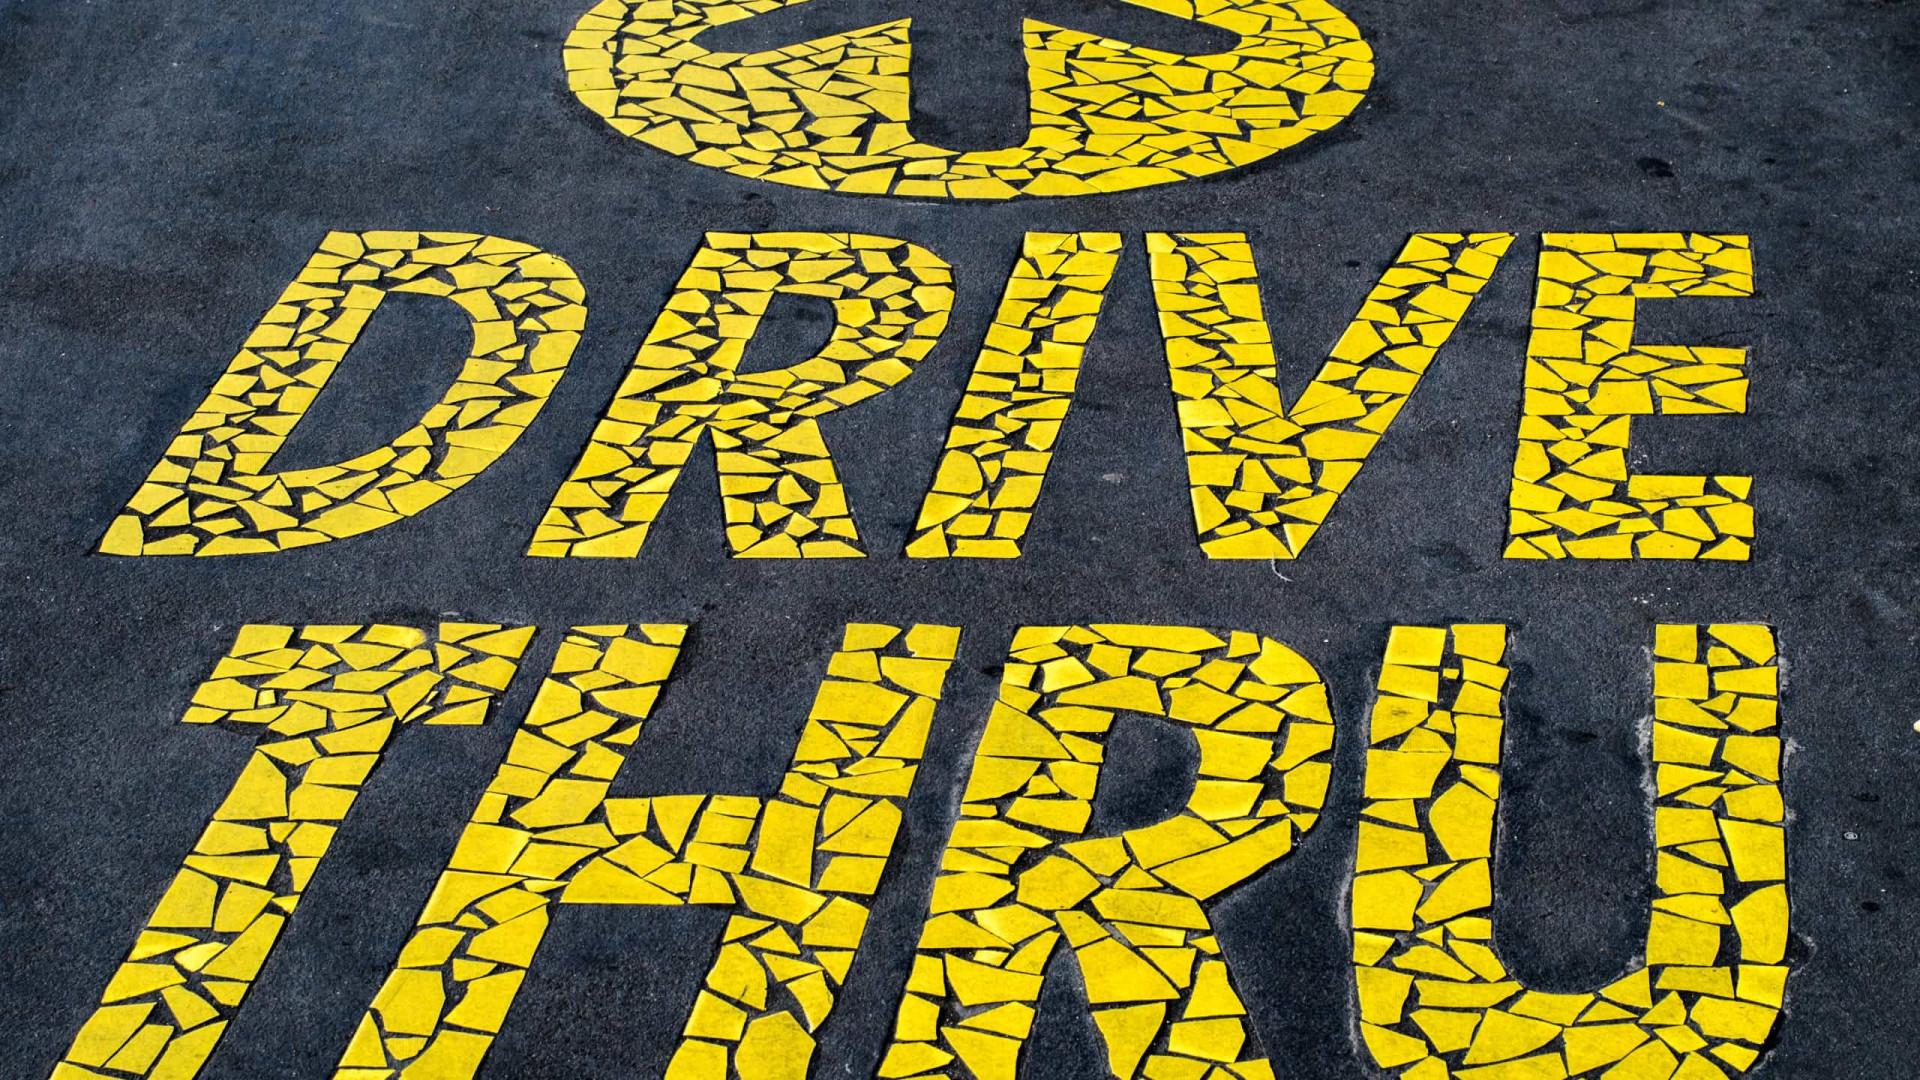 Capital paulista recebe exposição drive thru com painéis gigantes